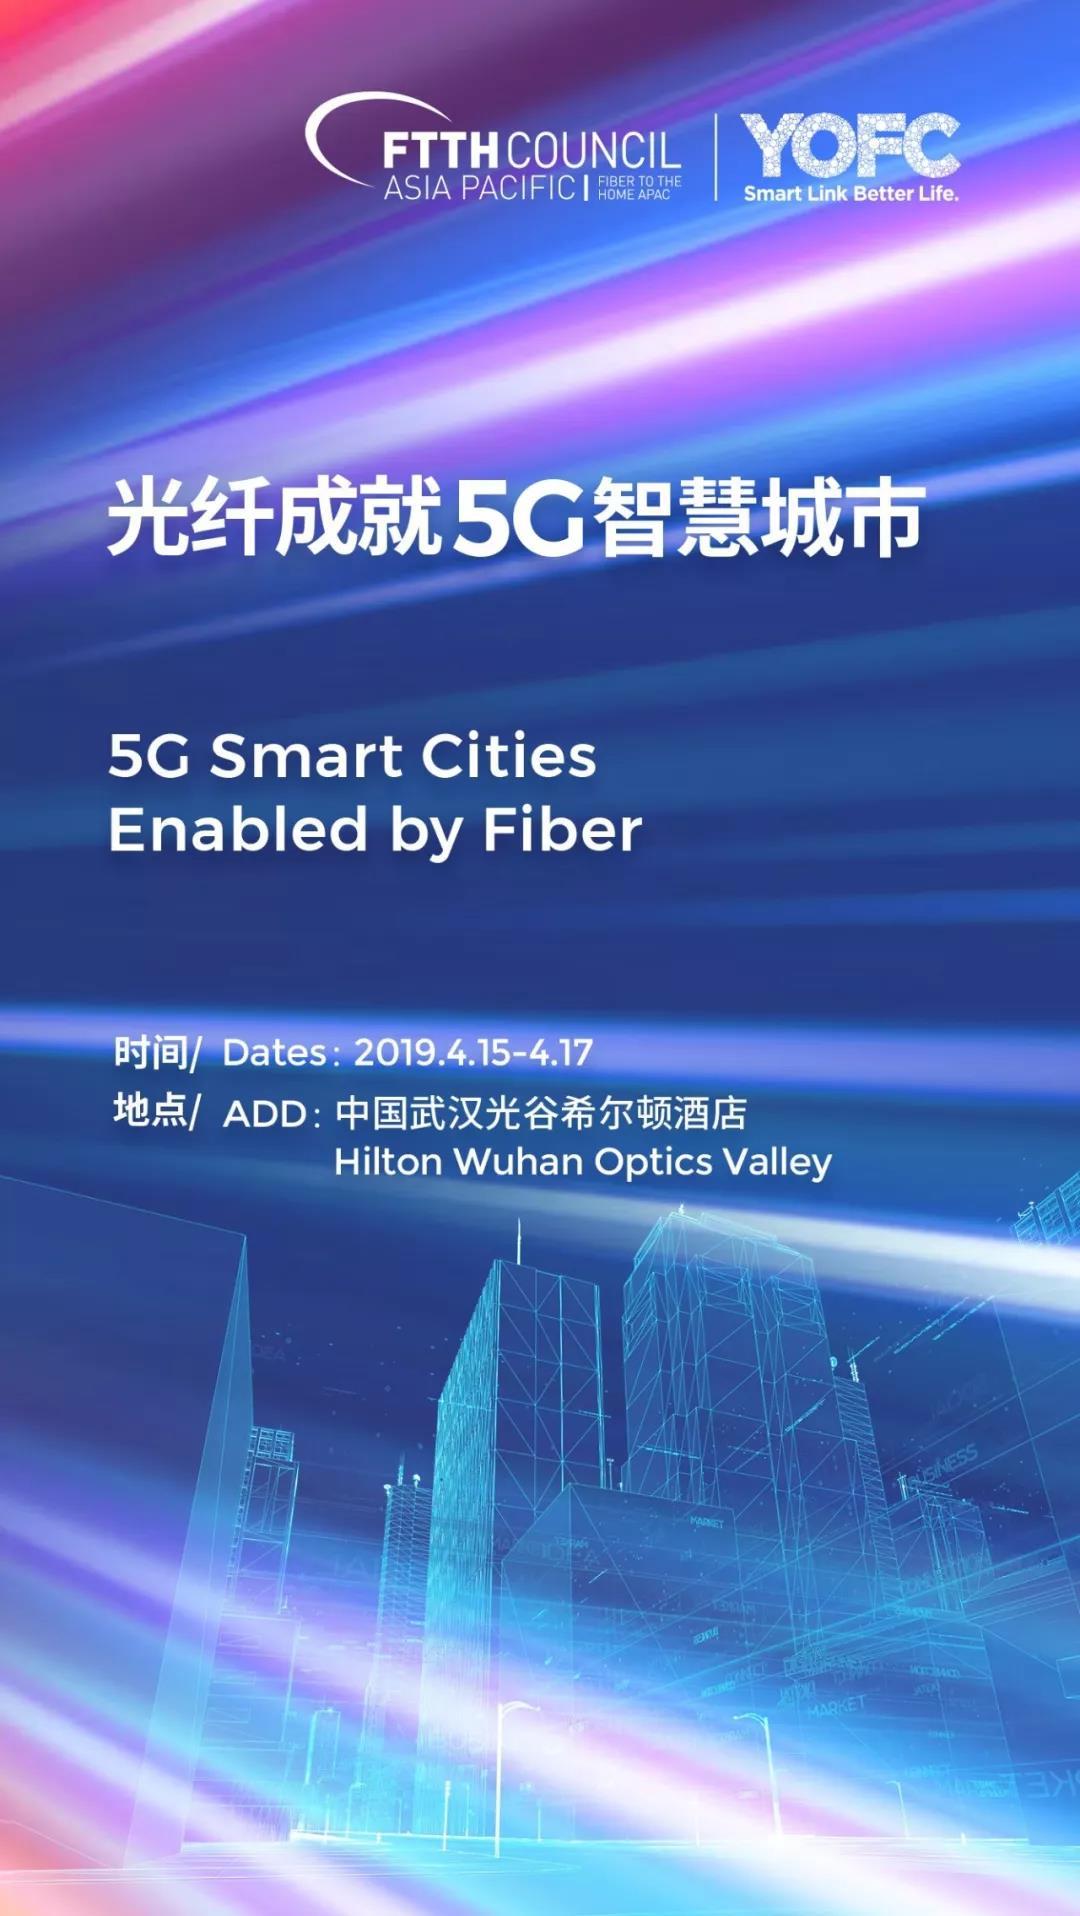 """2019年FTTH亚太大会即将登陆江城 长飞邀您一起探讨""""光纤成就5G智慧城市"""""""